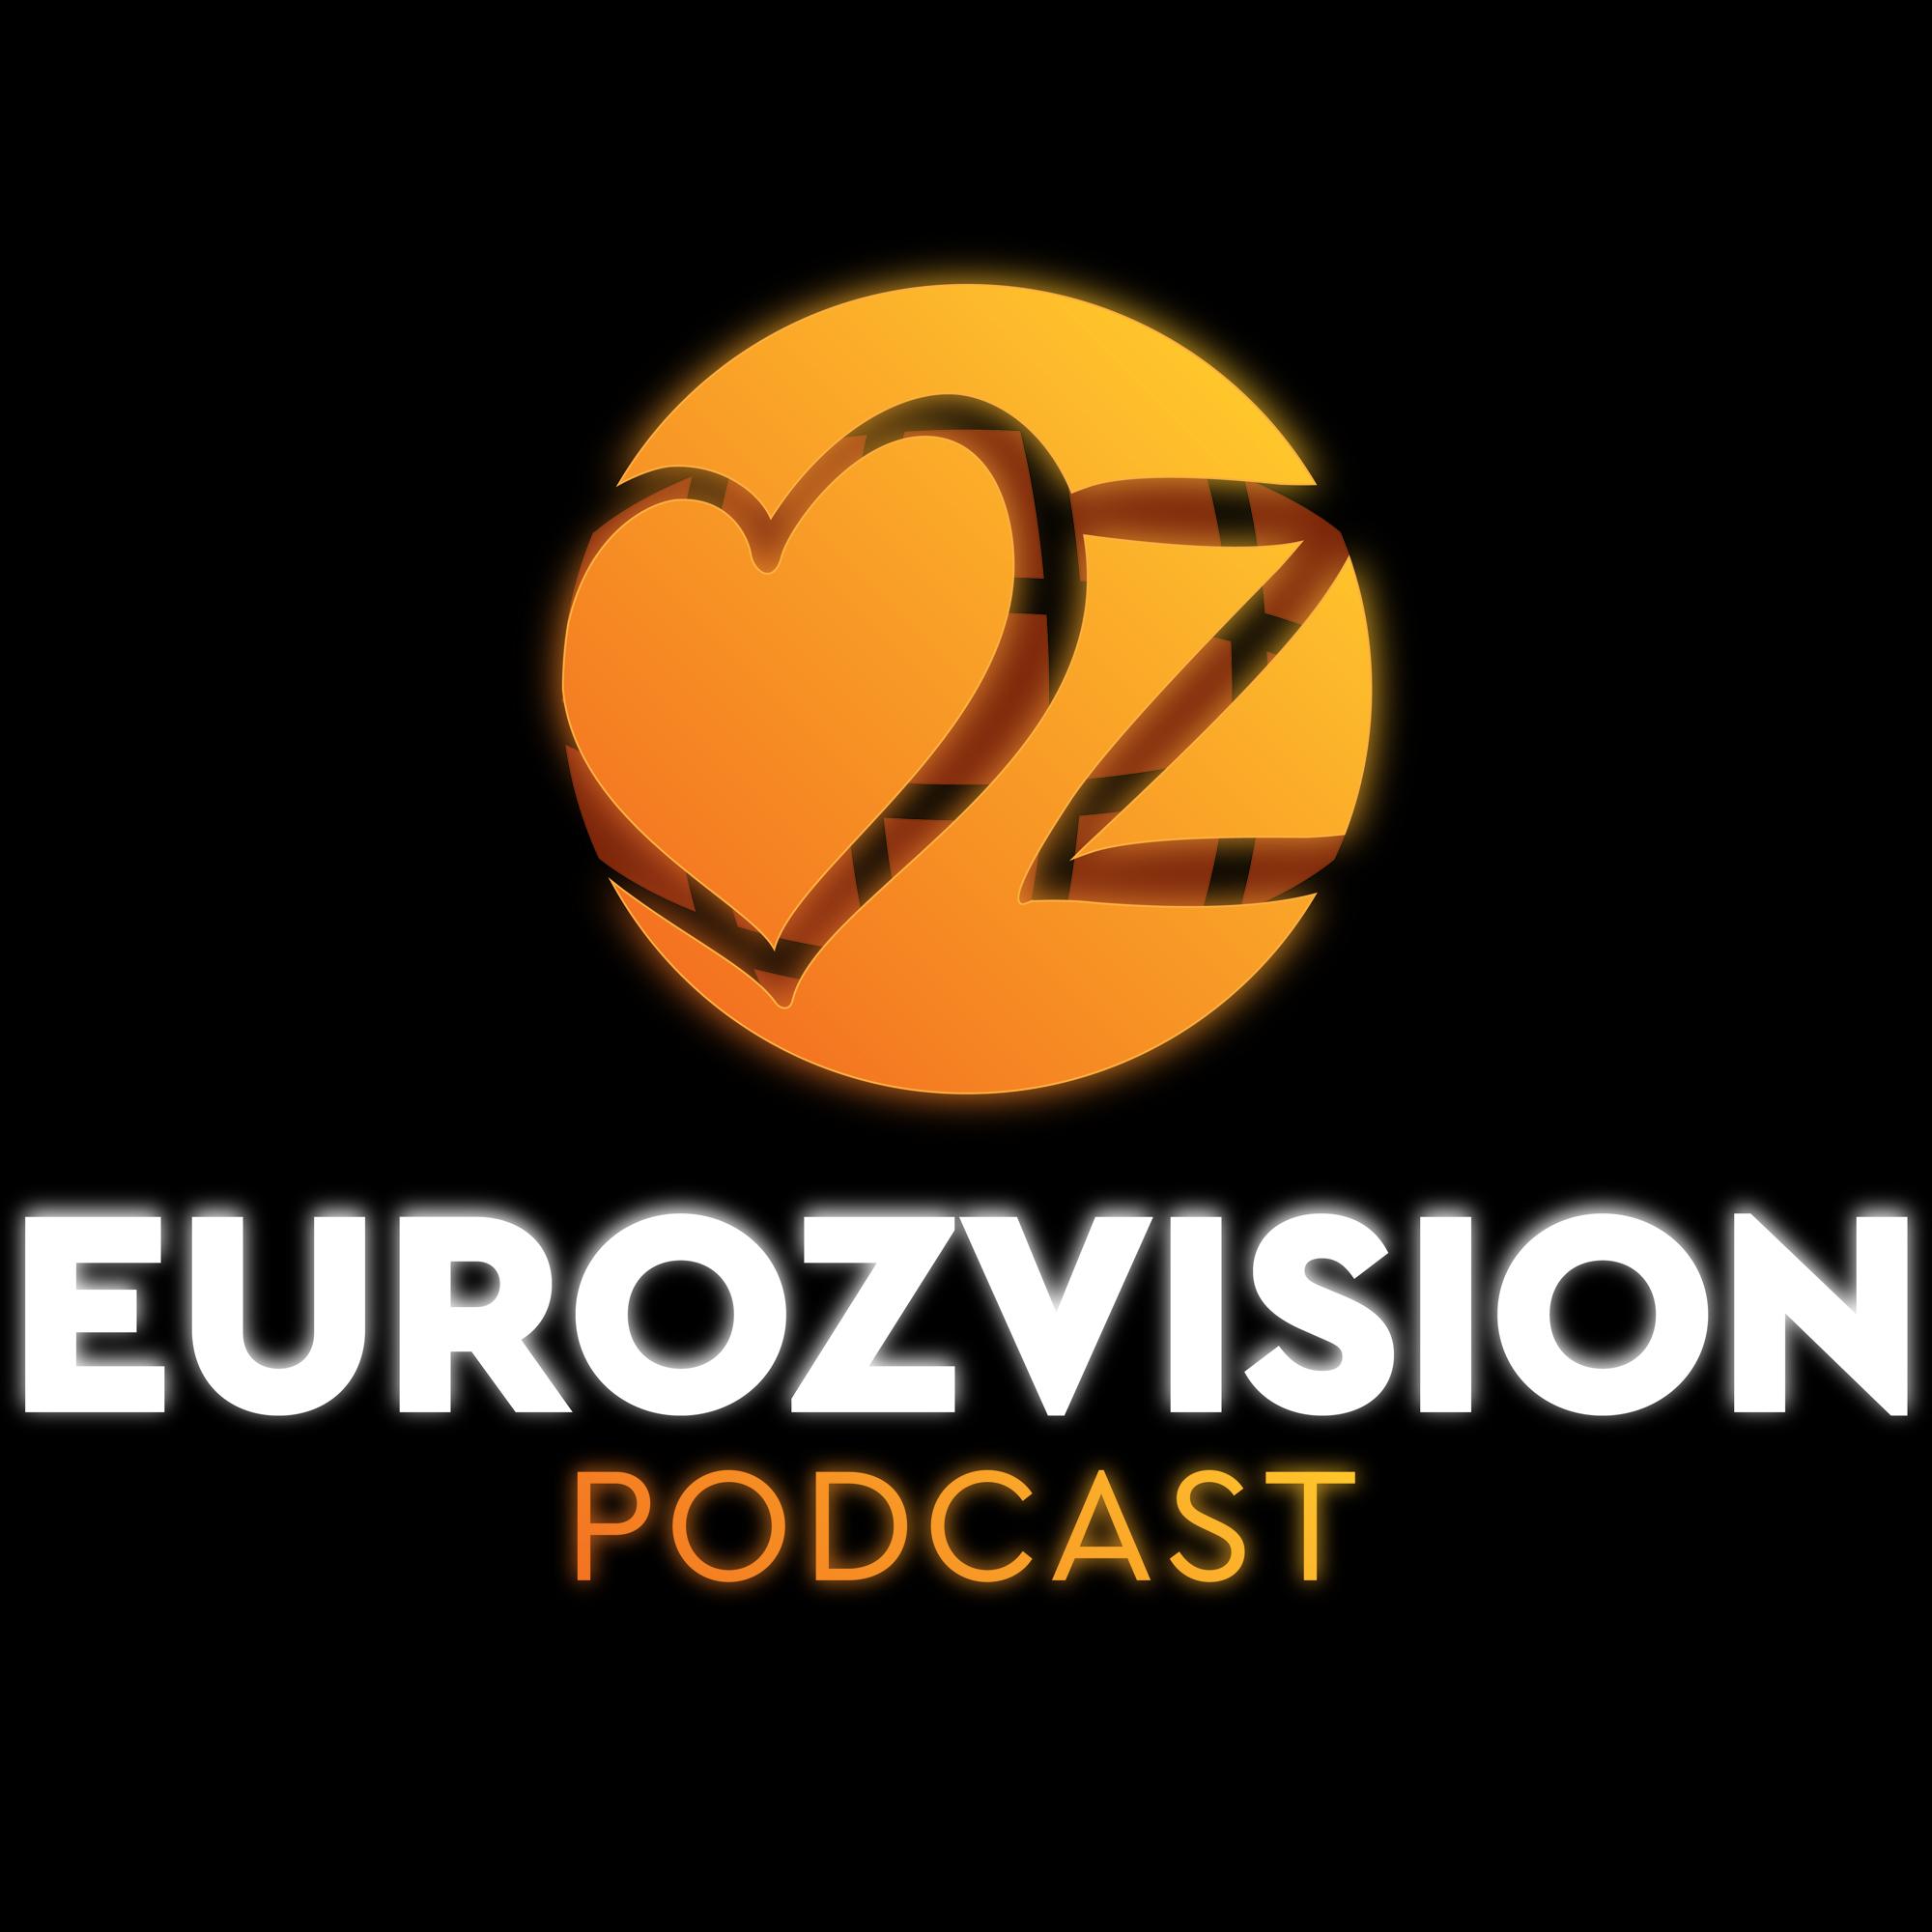 EurOzvision - 2015 Eurovision Episode 6